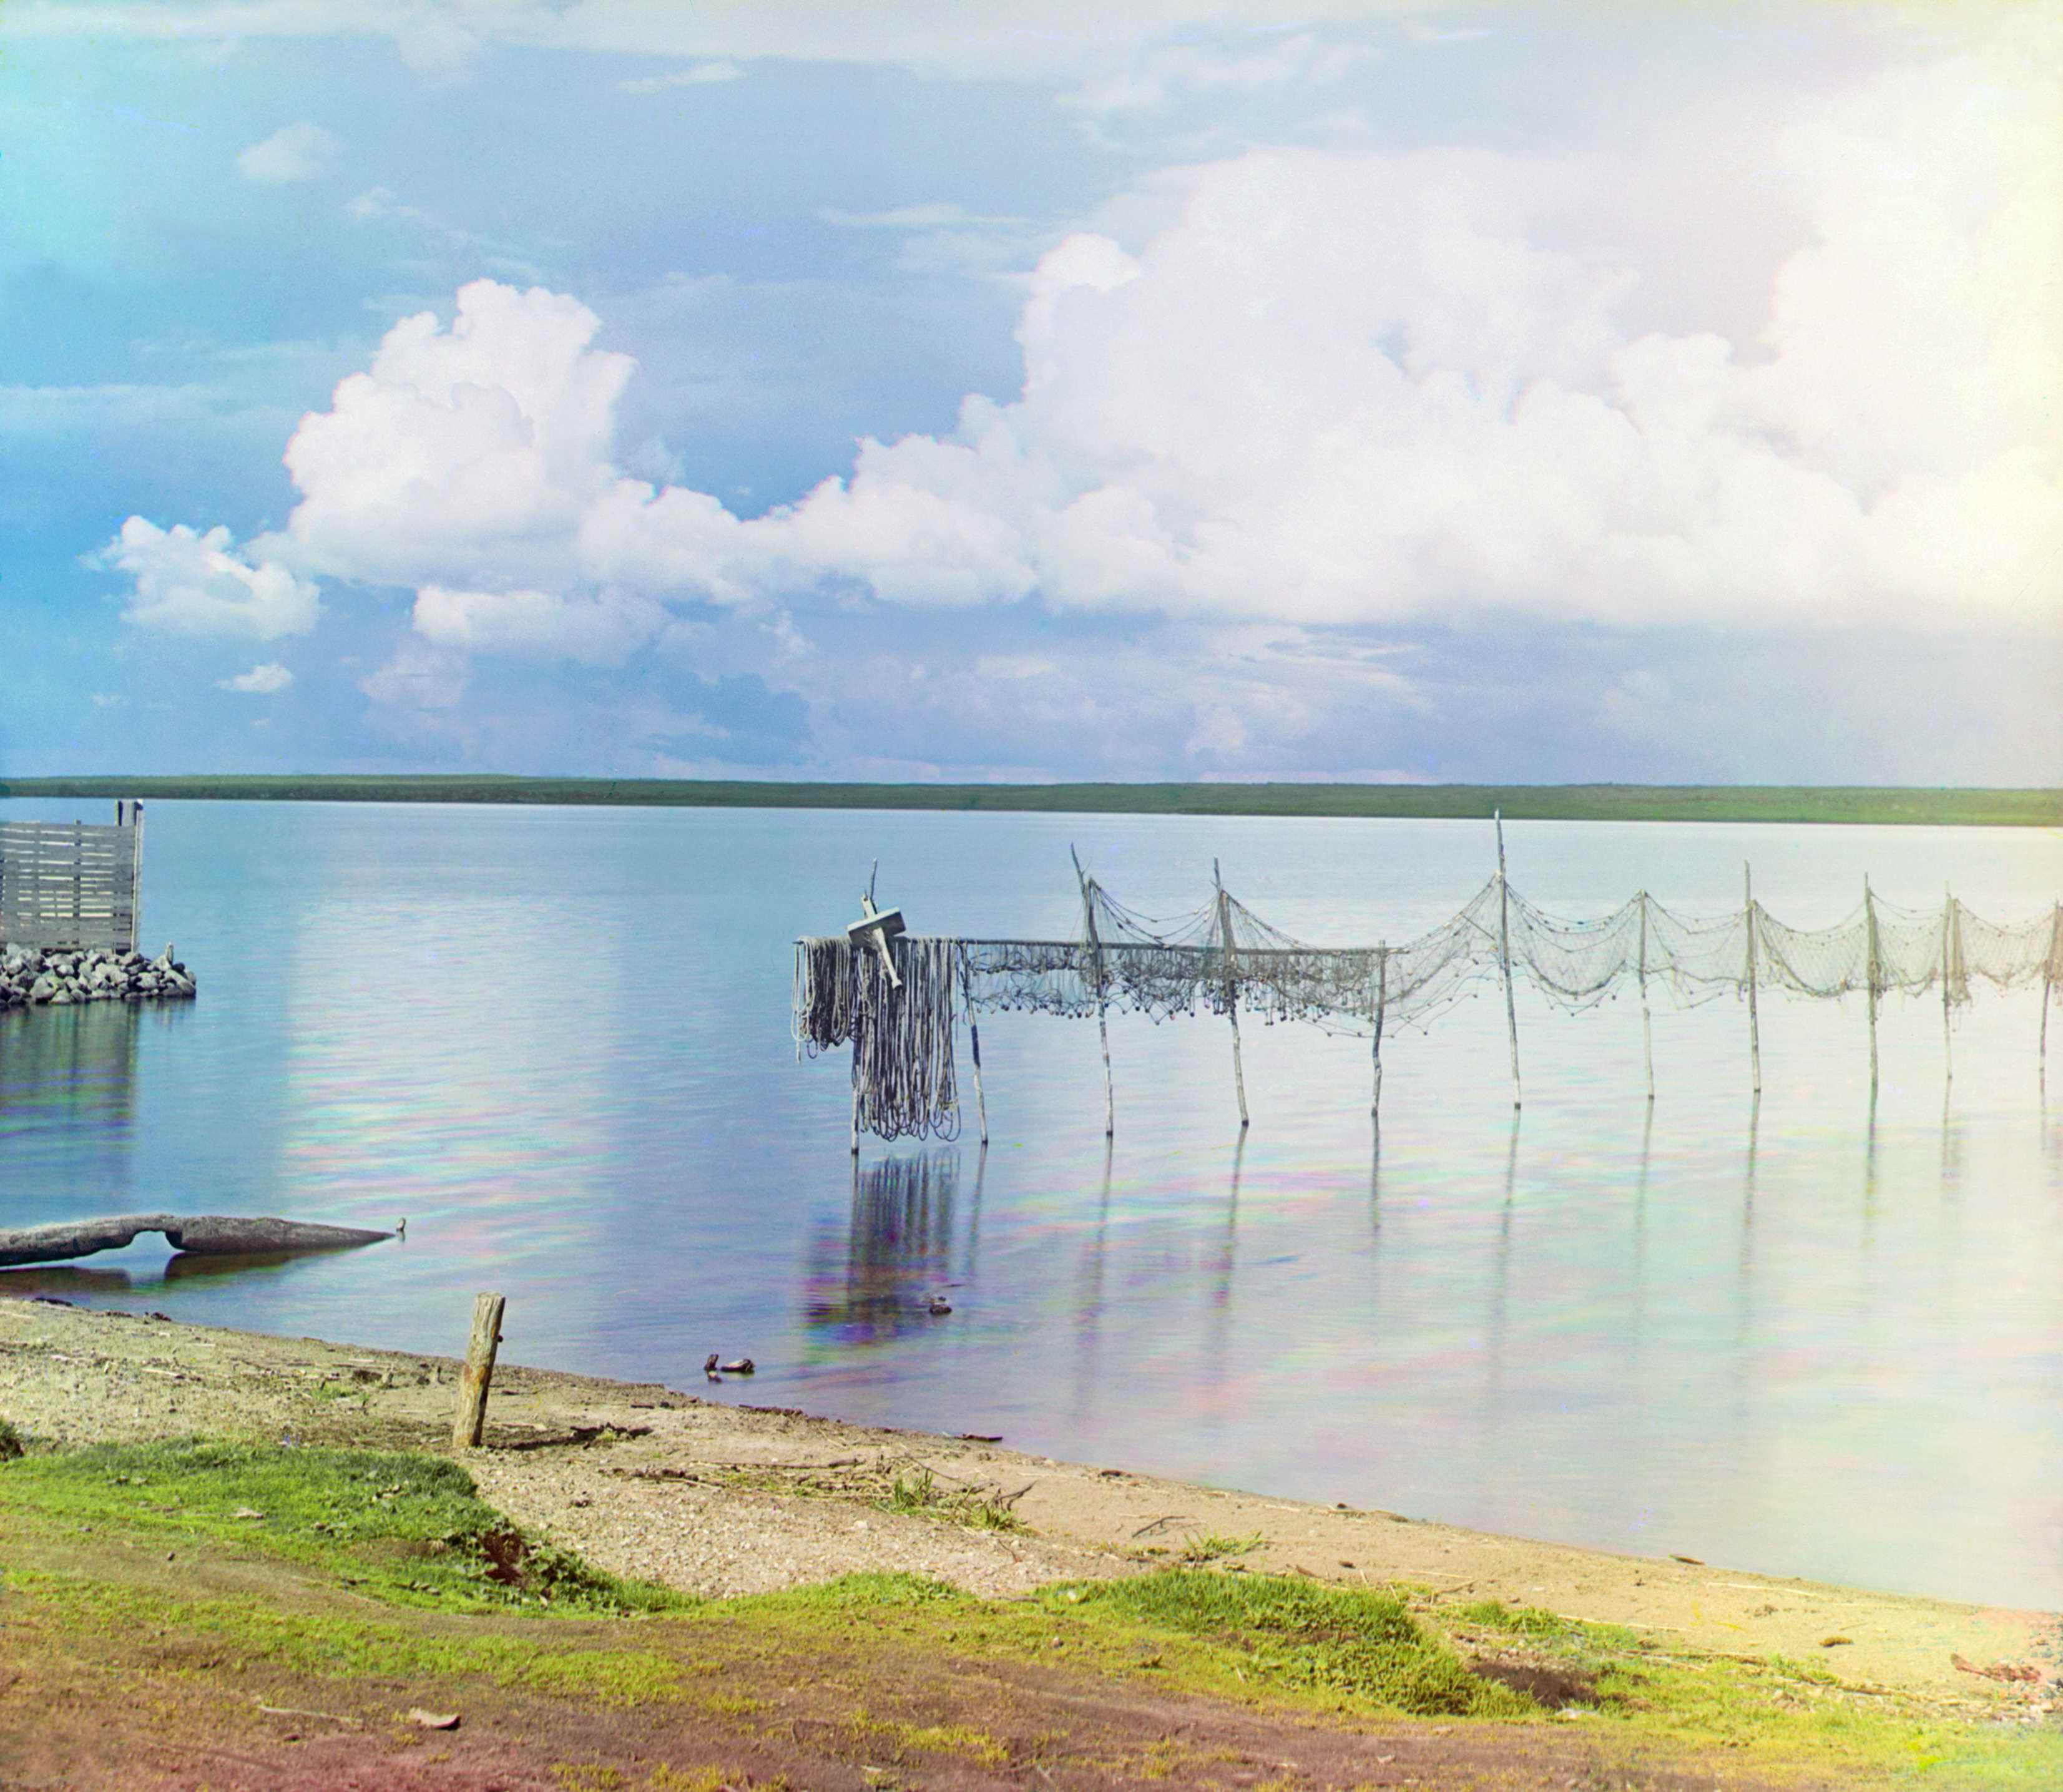 Сушка сетей на озере Селигер.